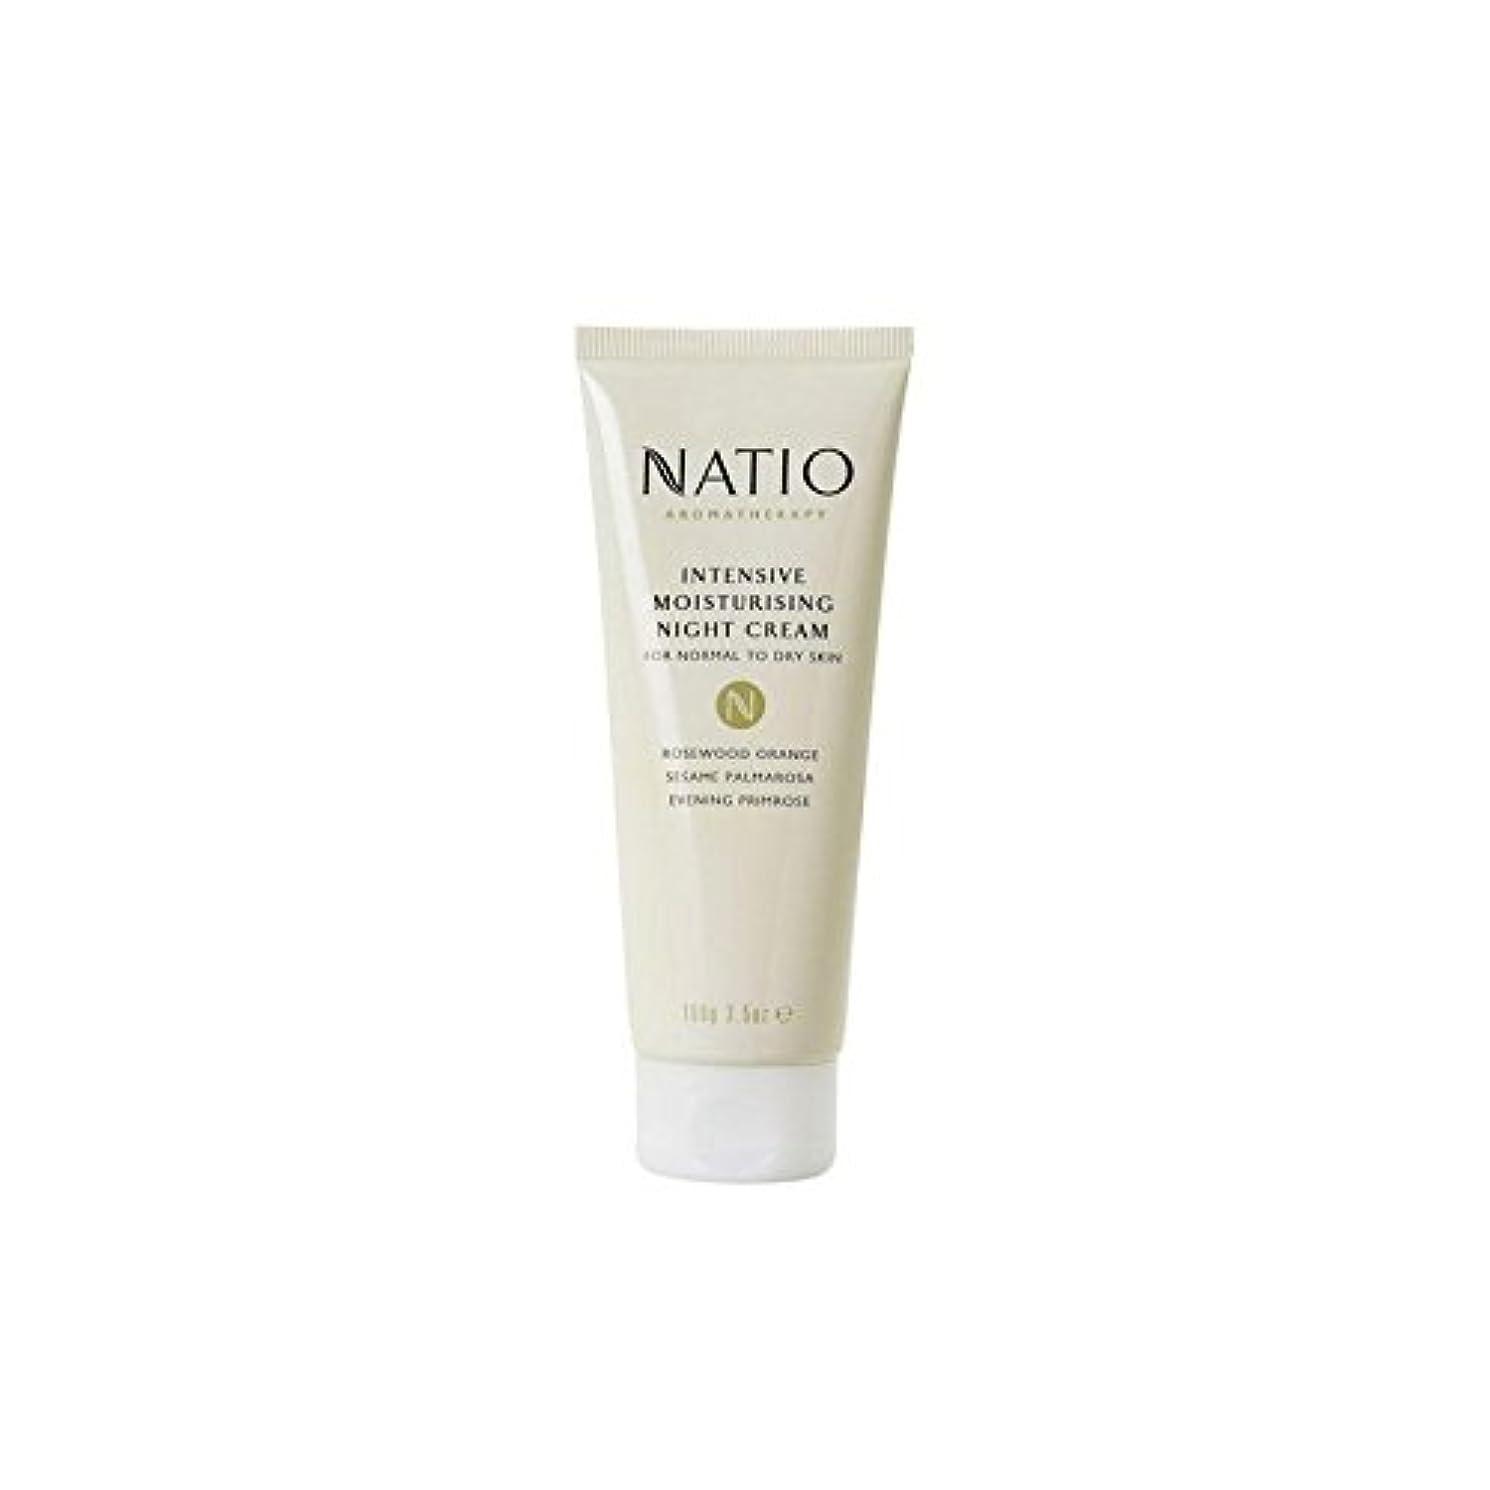 厄介なスキャンダル救援集中的な保湿ナイトクリーム(100グラム) x4 - Natio Intensive Moisturising Night Cream (100G) (Pack of 4) [並行輸入品]